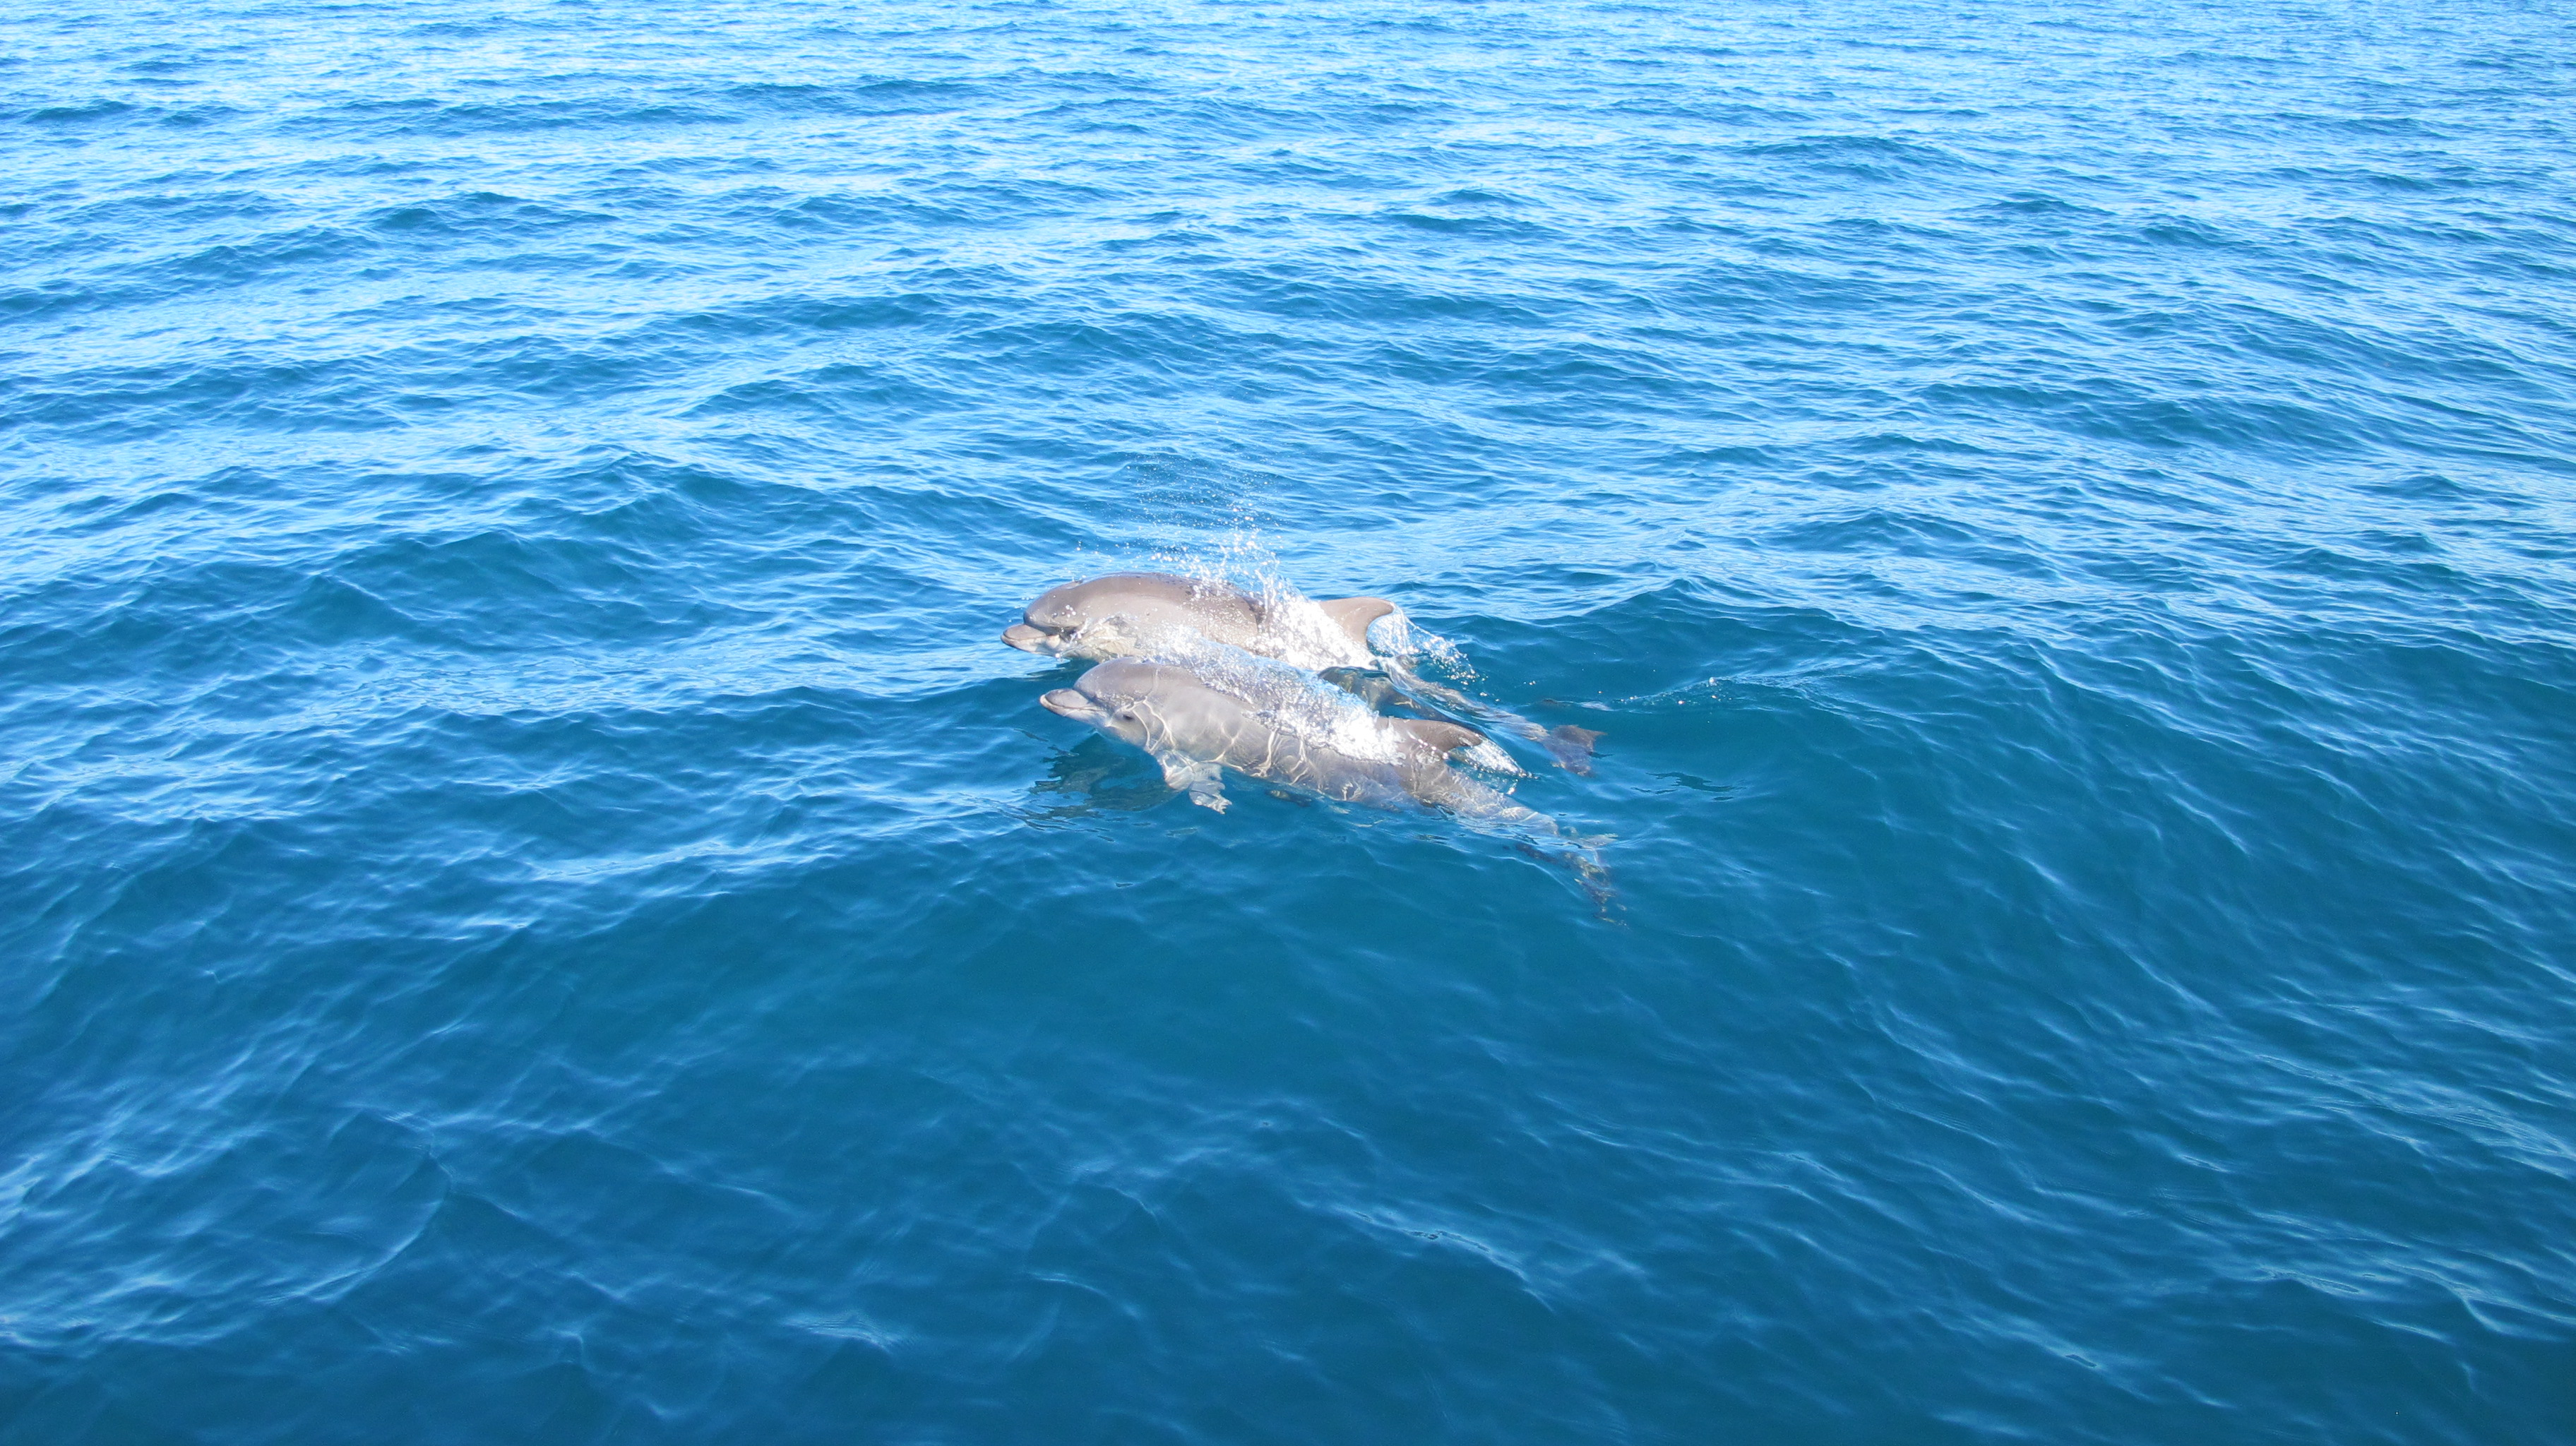 Los yates han ido acompañados en todos los trayectos por grupos de delfines.